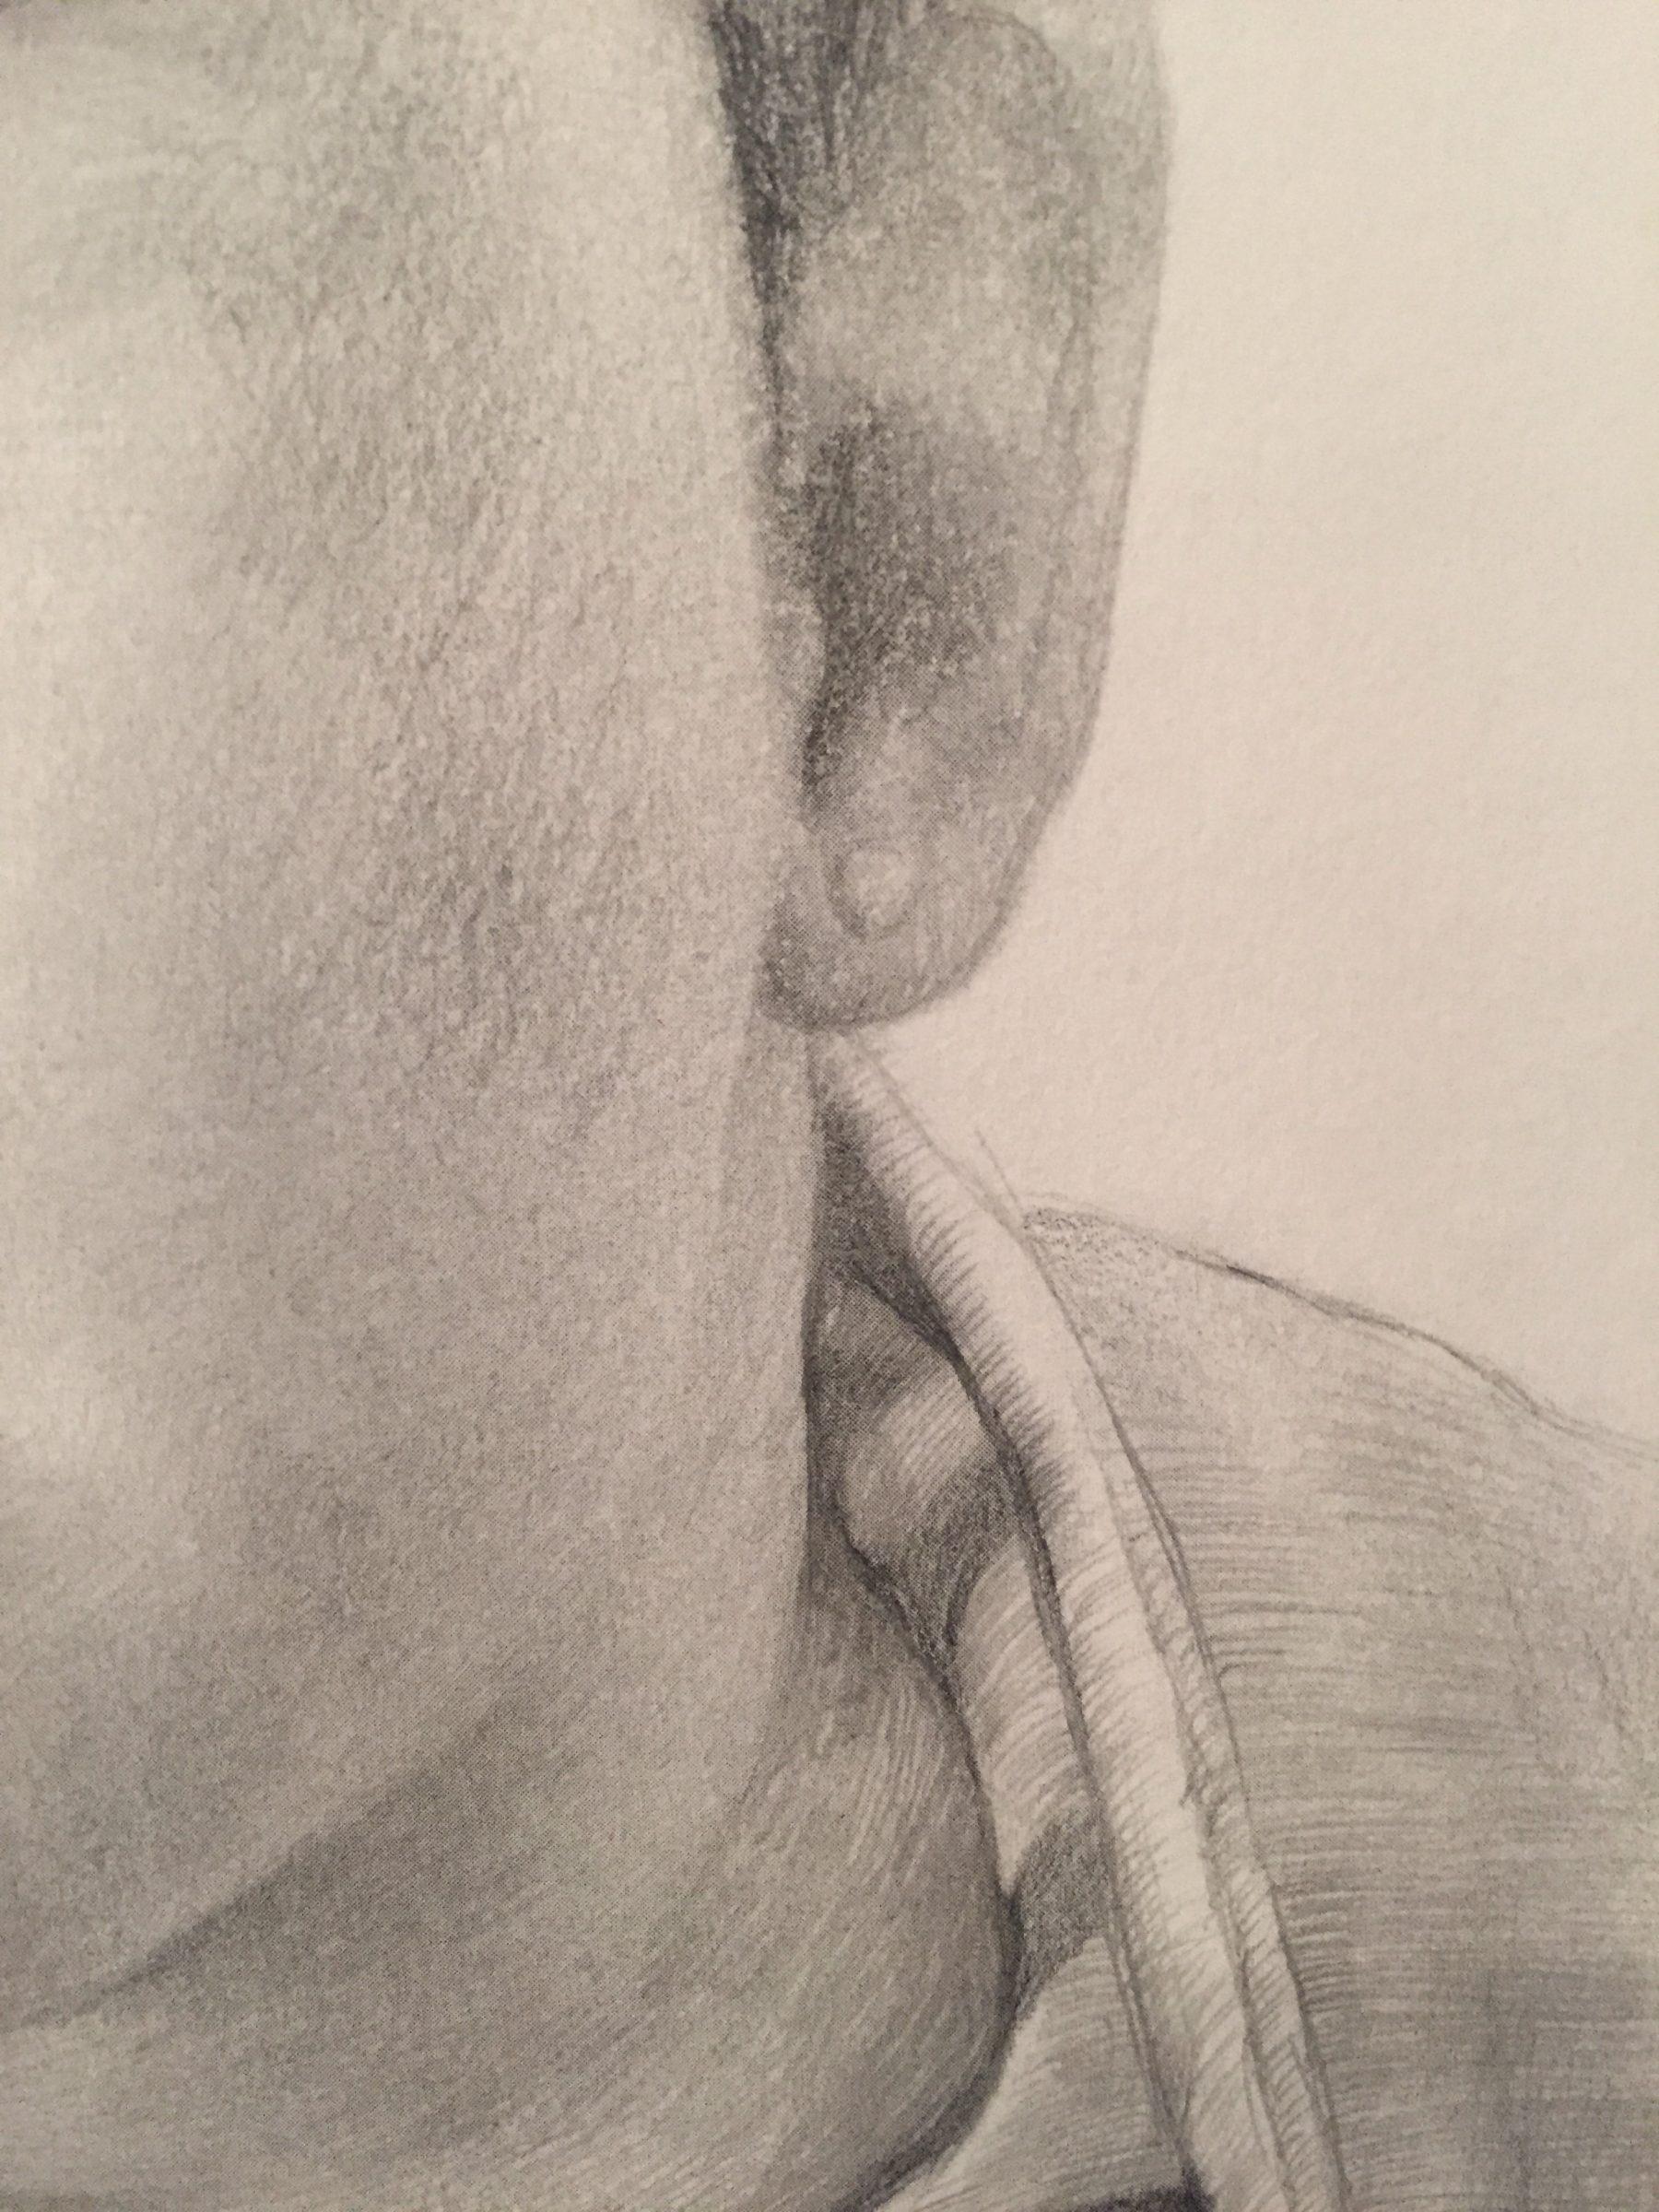 retratos-por-encargo-44-detalle-e1488877783591